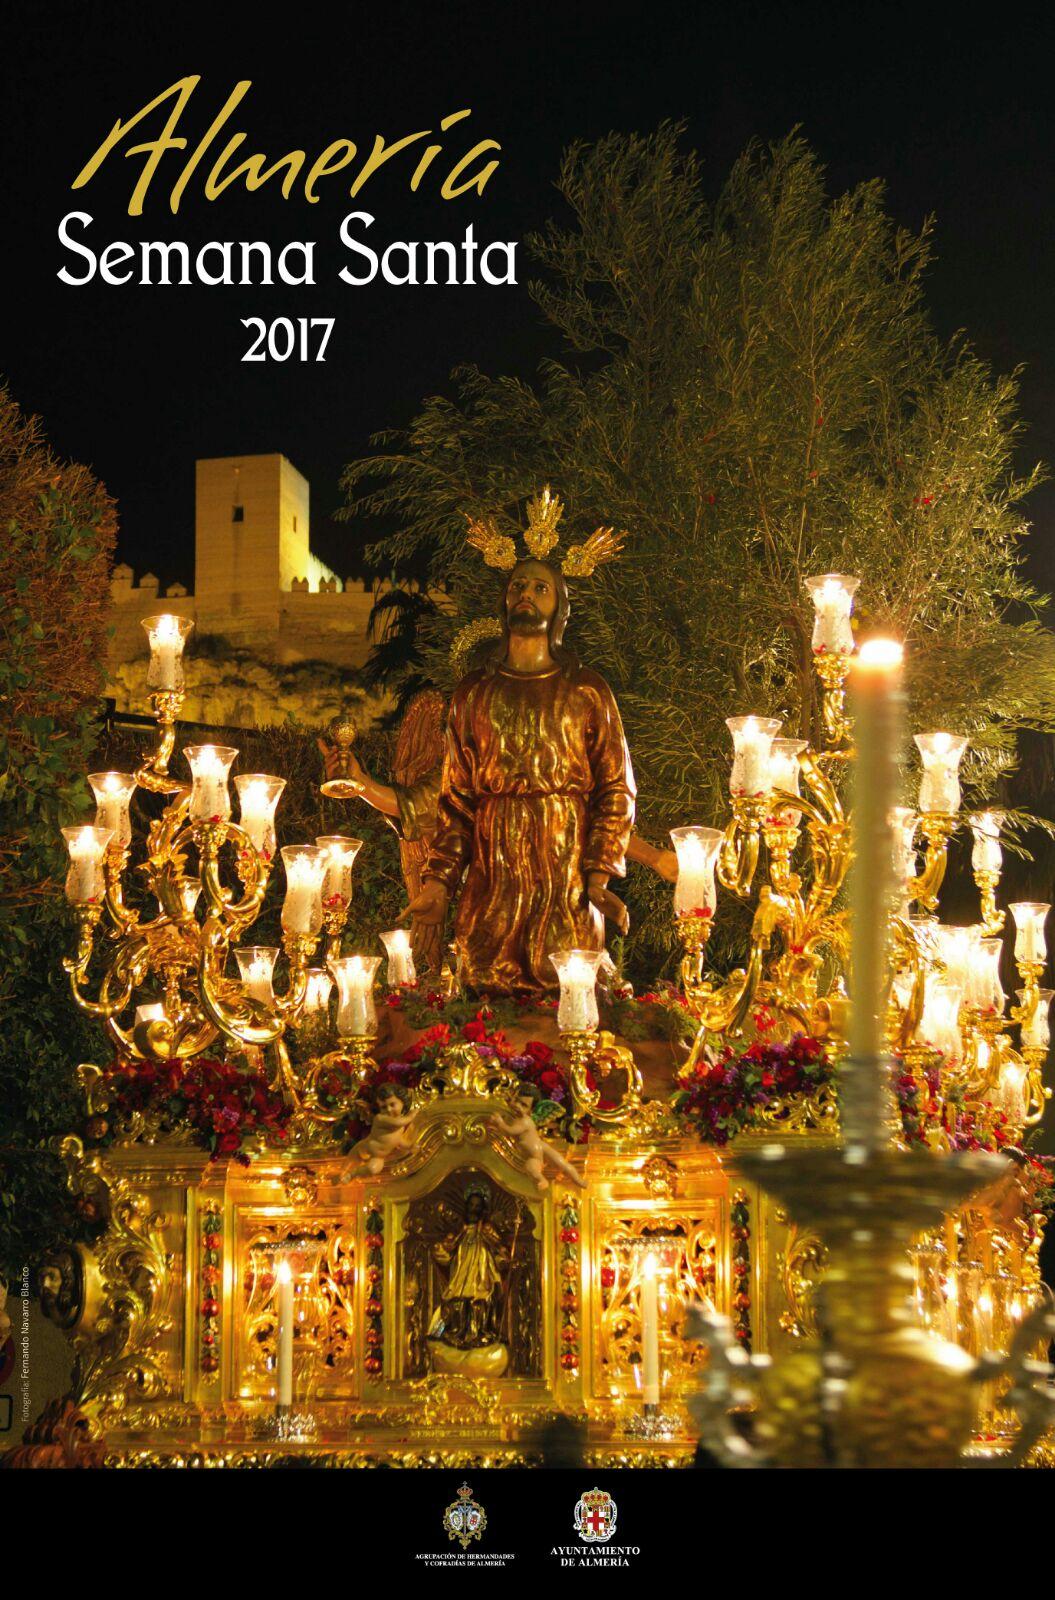 CARTEL OFICIAL SEMANA SANTA ALMERIA 2017